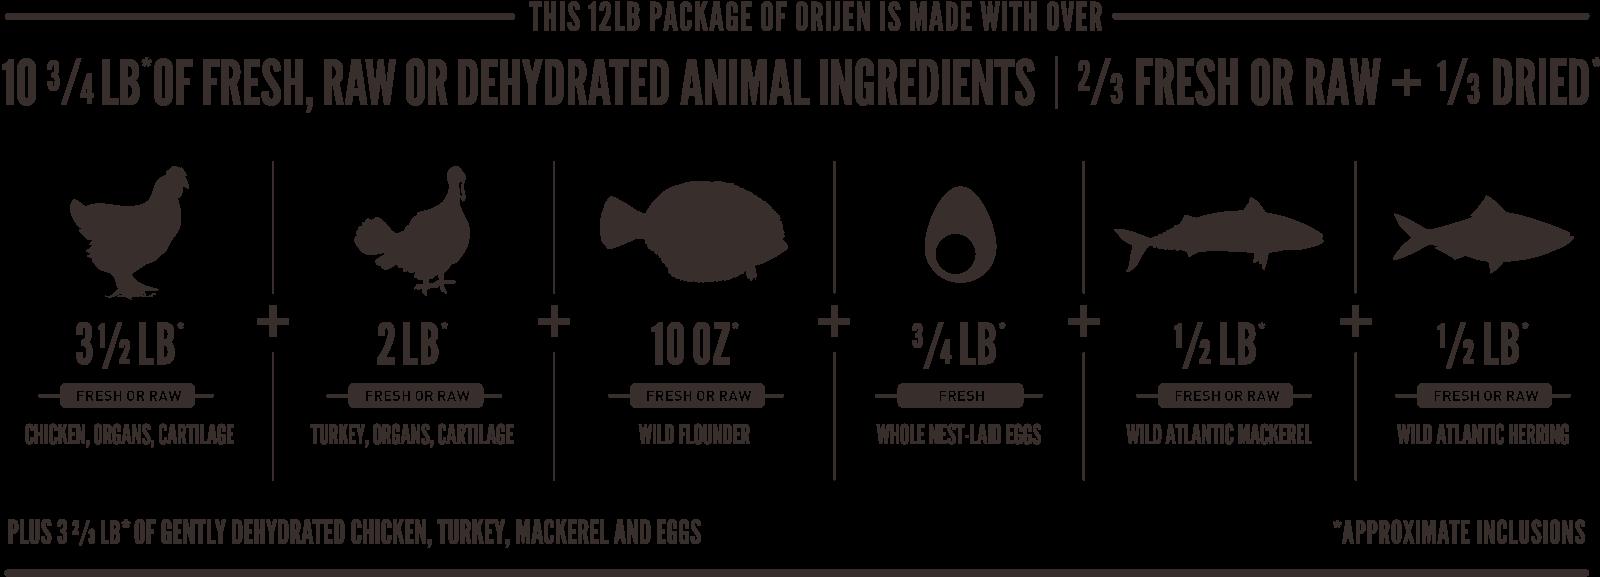 ORIJEN Cat & Kitten Meatmath Formula and Cat Food Ingredients